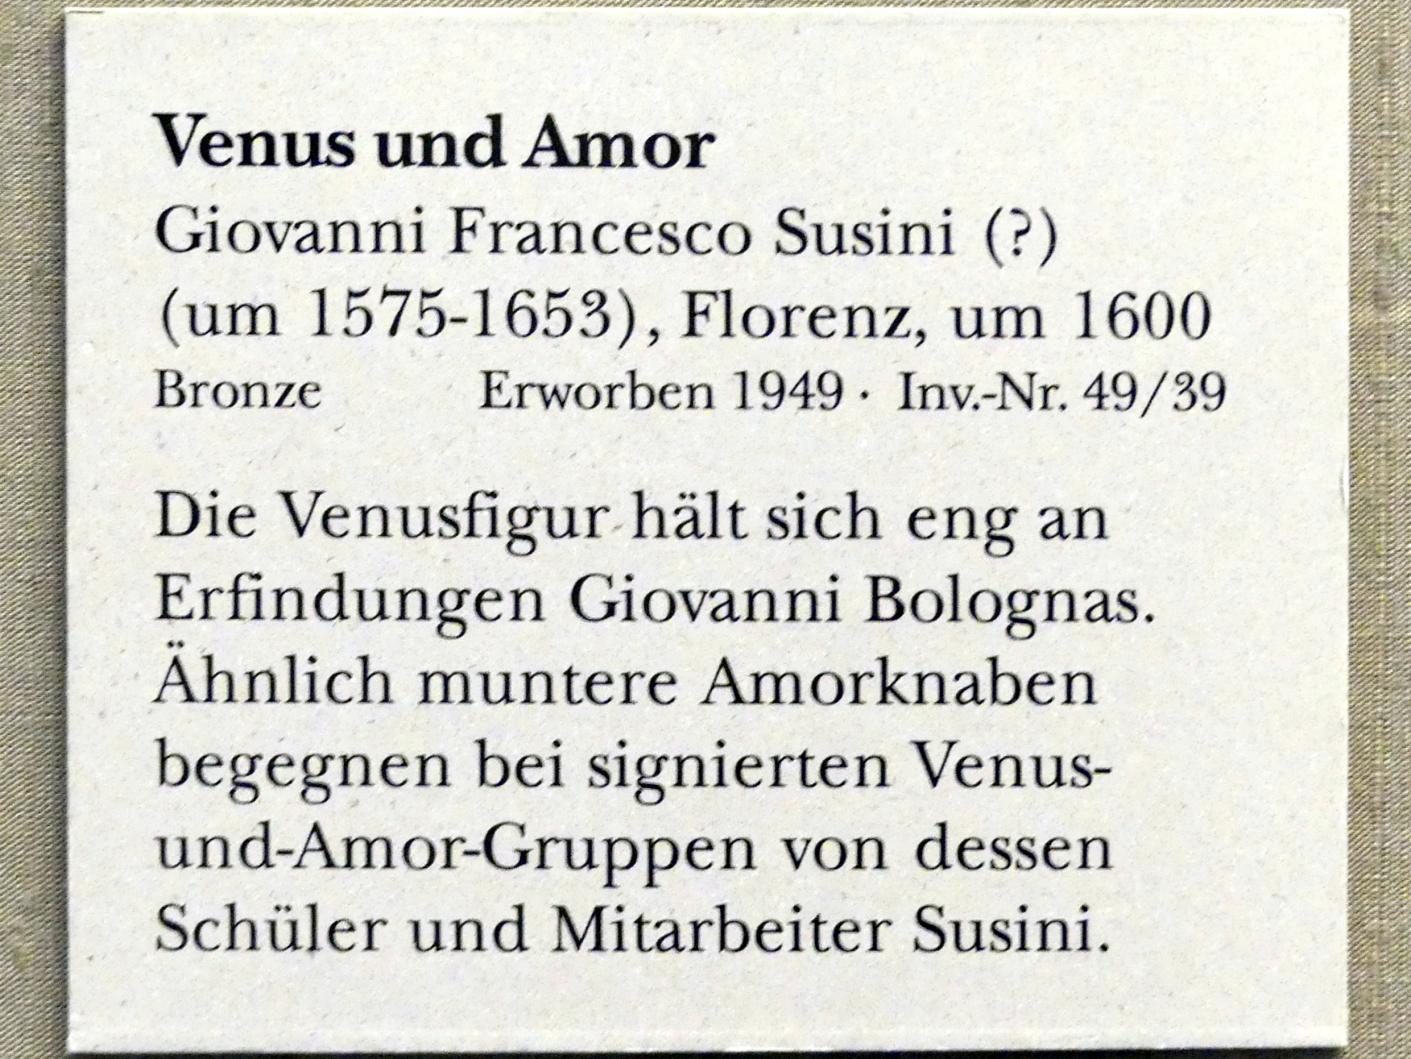 Giovanni Francesco Susini: Venus und Amor, Um 1600